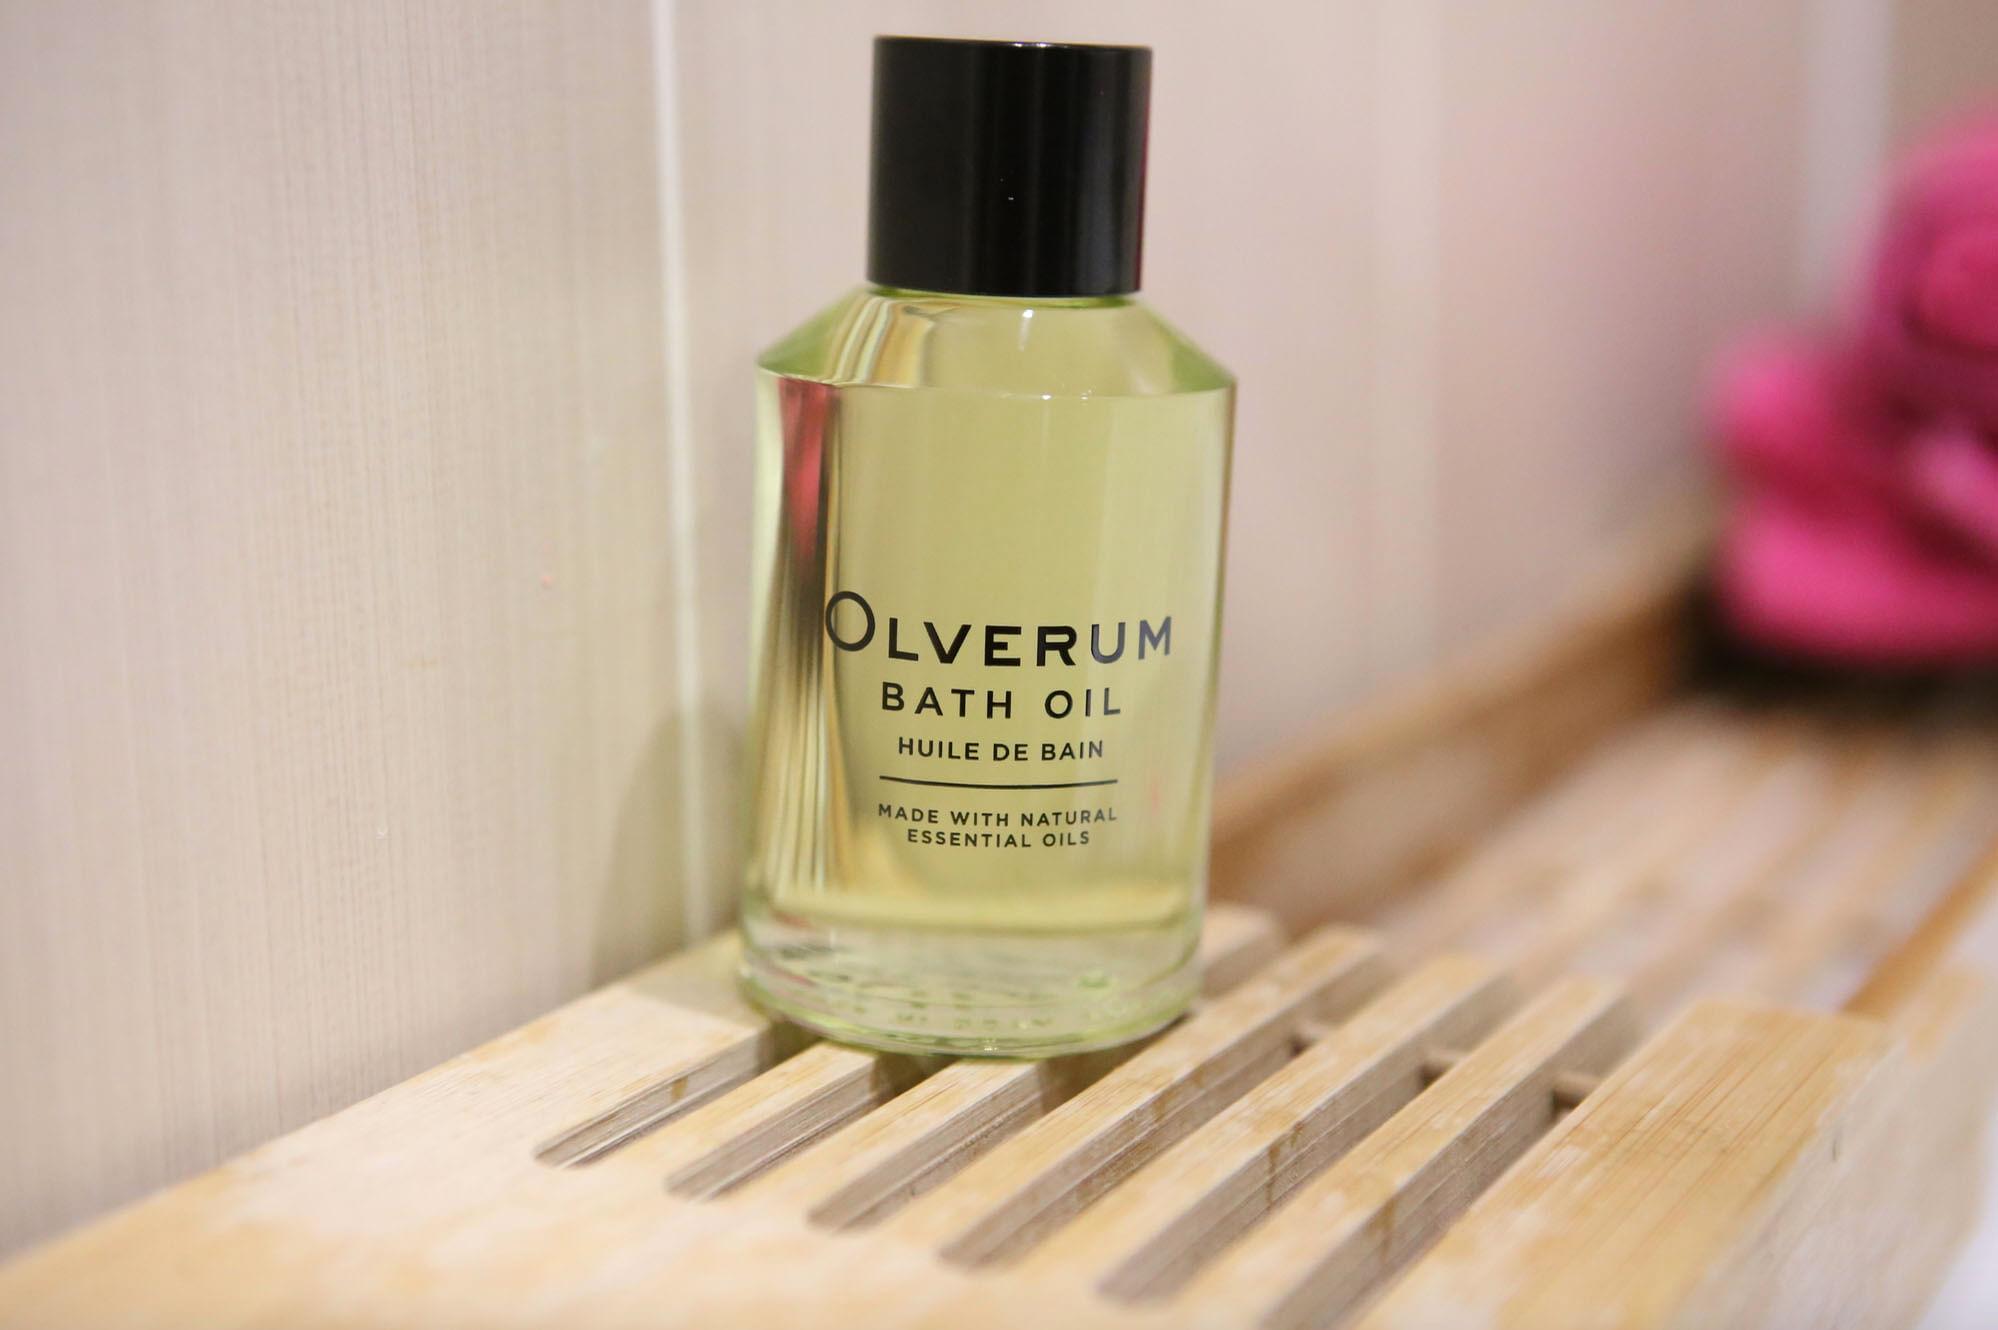 Olverium Bath Oil